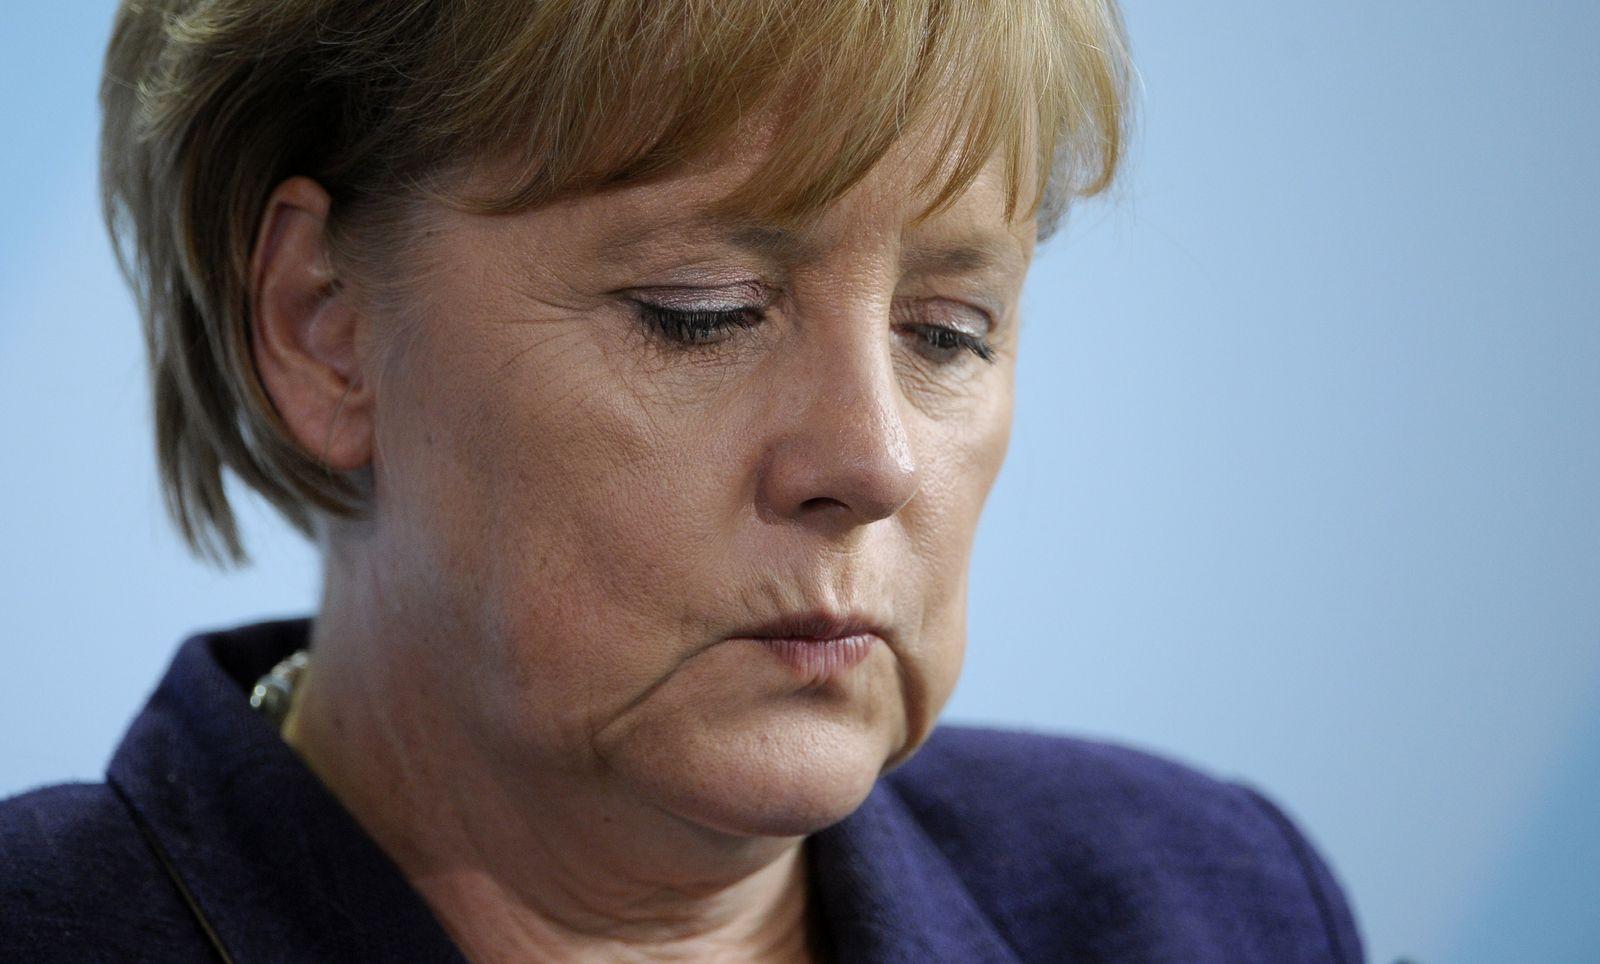 NICHT VERWENDEN Merkel deprimiert